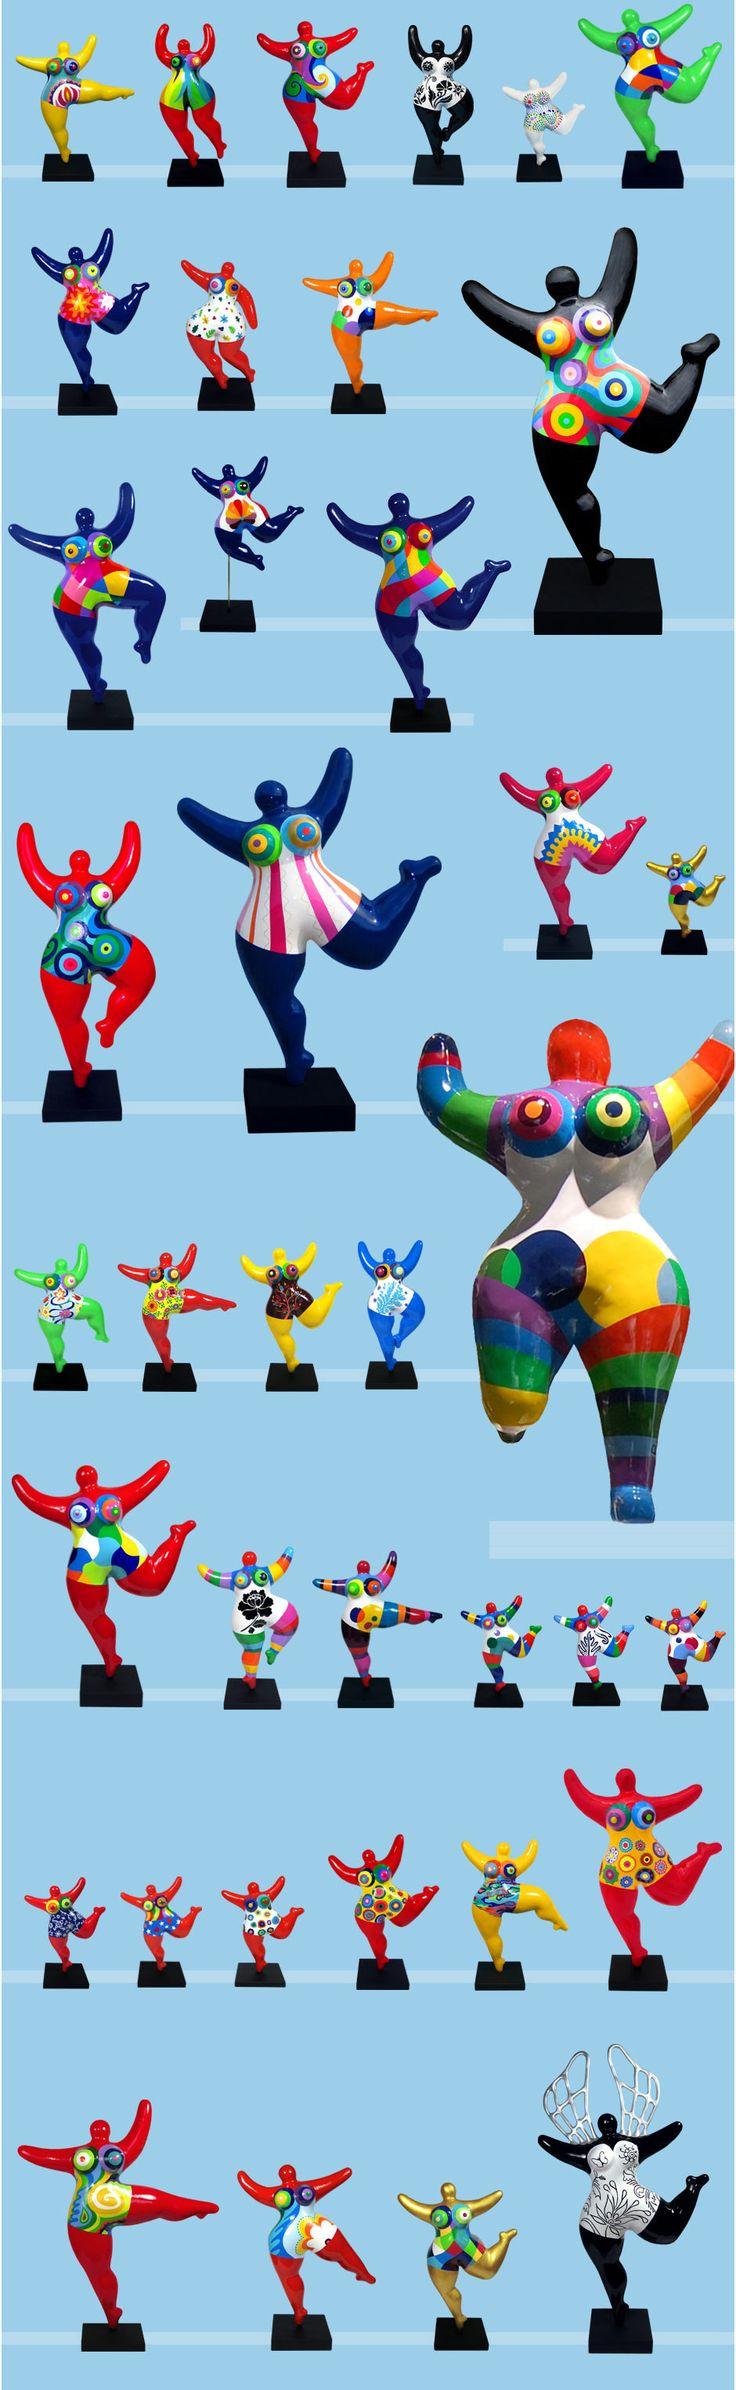 Niki de Saint Phalle inspired?